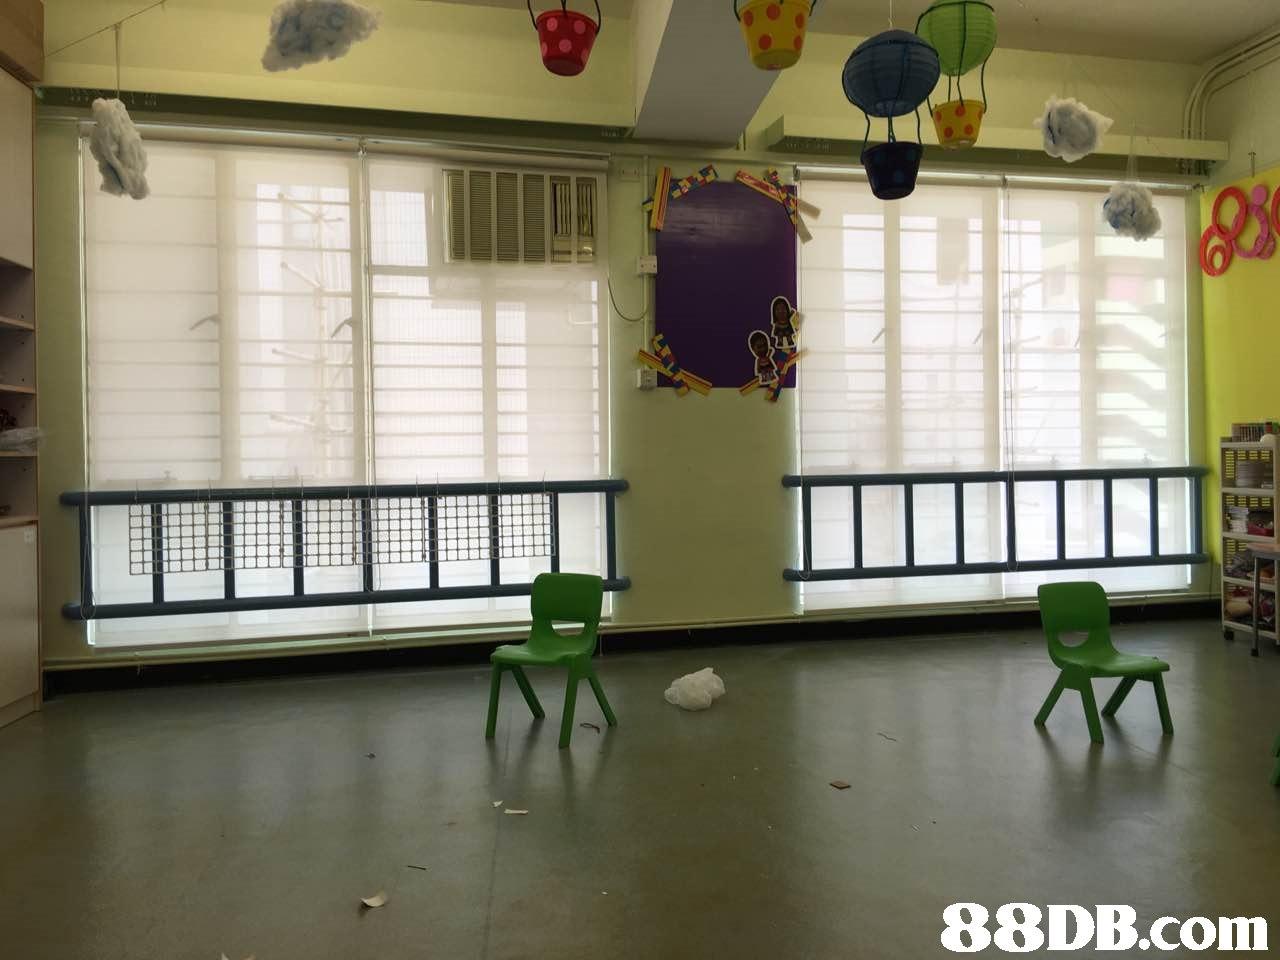 room,property,interior design,floor,window